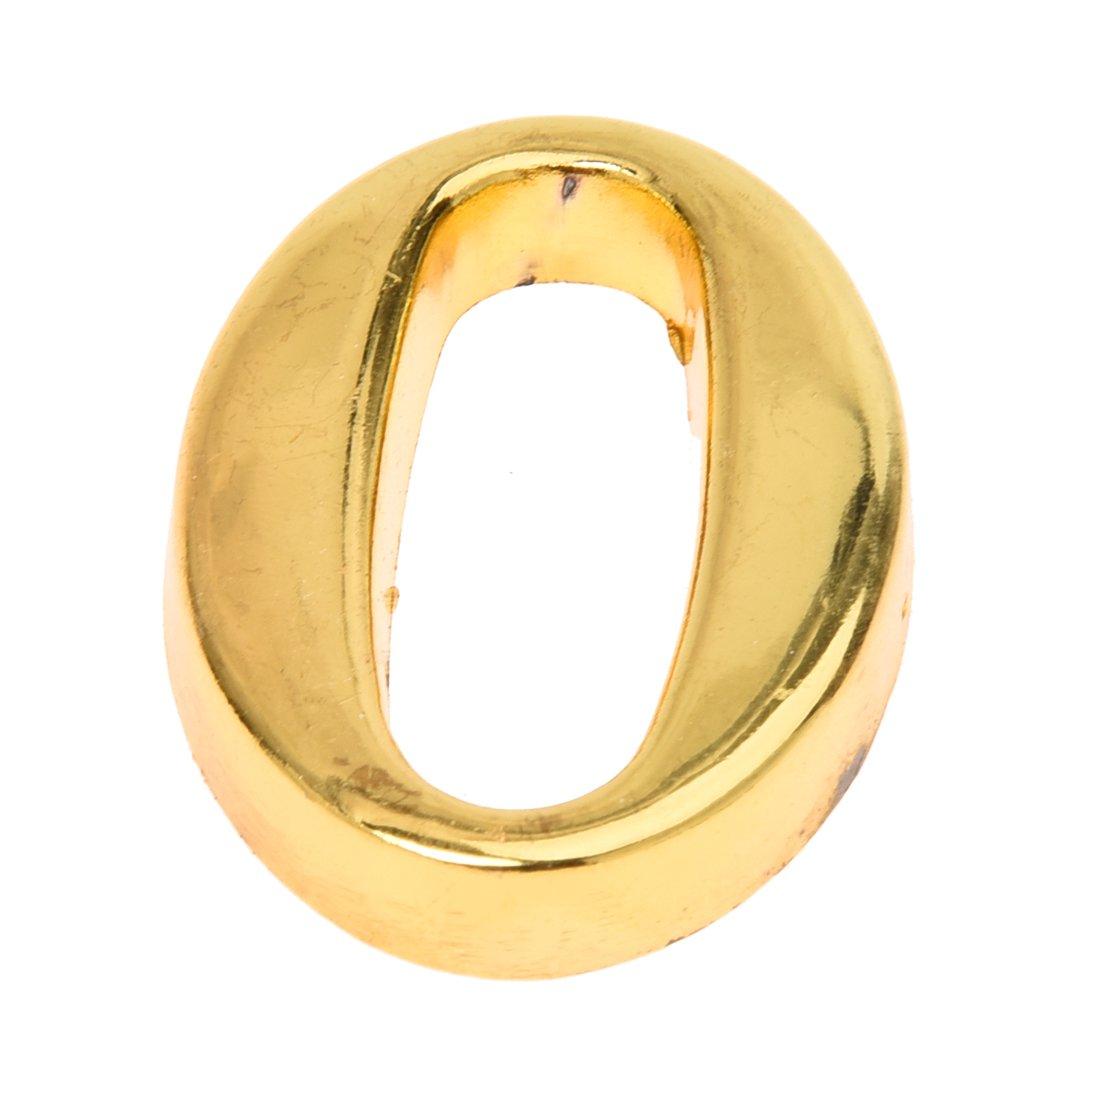 TOOGOO Plaque de numero en zinc aluminium de metal or de porte de la Maison ou de l'hotel avec vis, Plaque de signe de maison 9 SODIAL AEQW-WER-AW137342